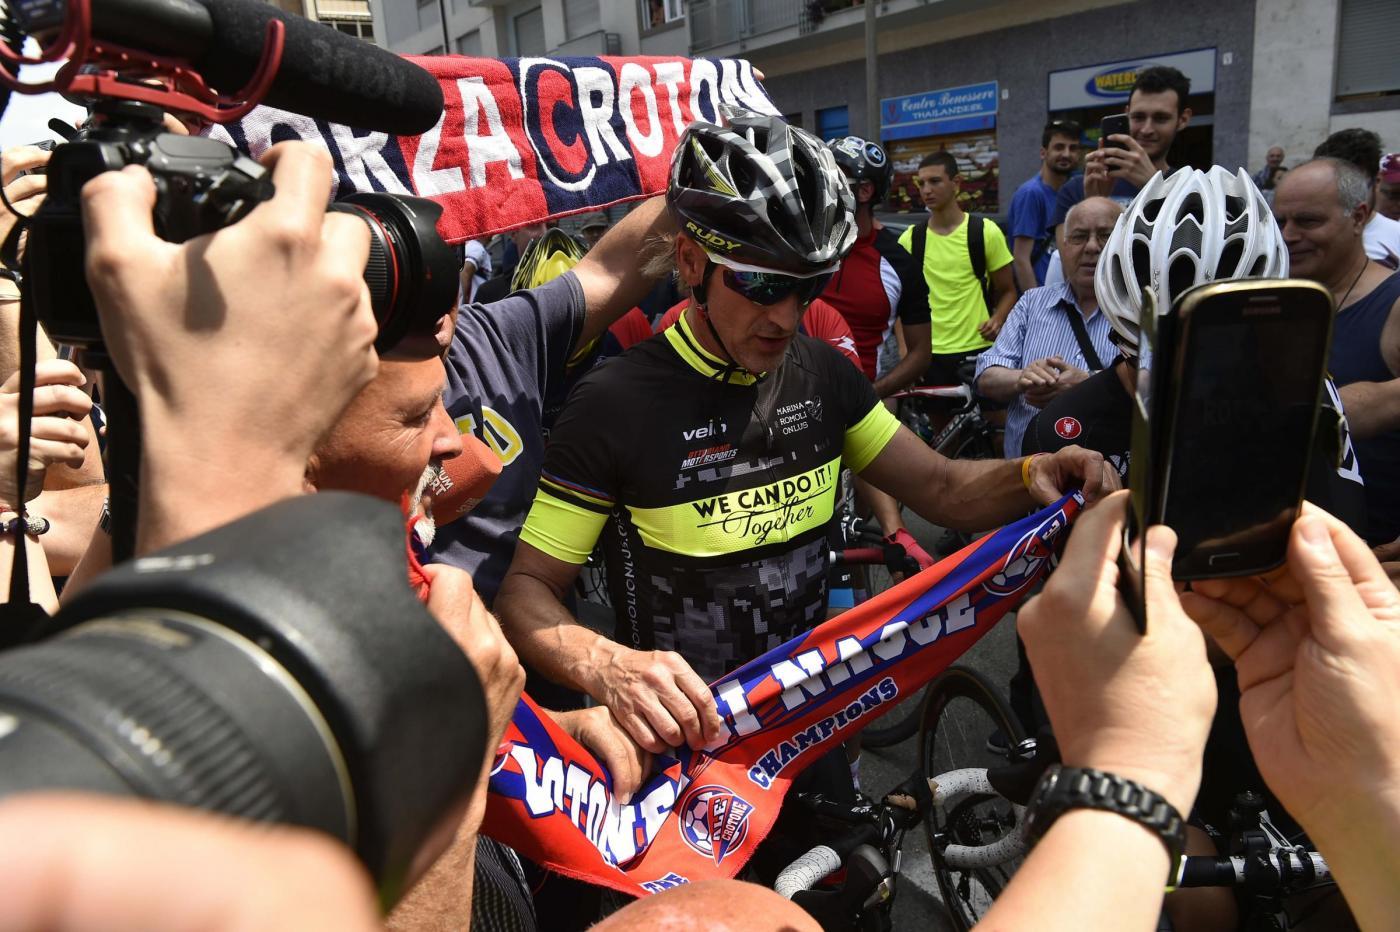 Davide Nicola mantiene la promessa: in bici da Crotone a Torino